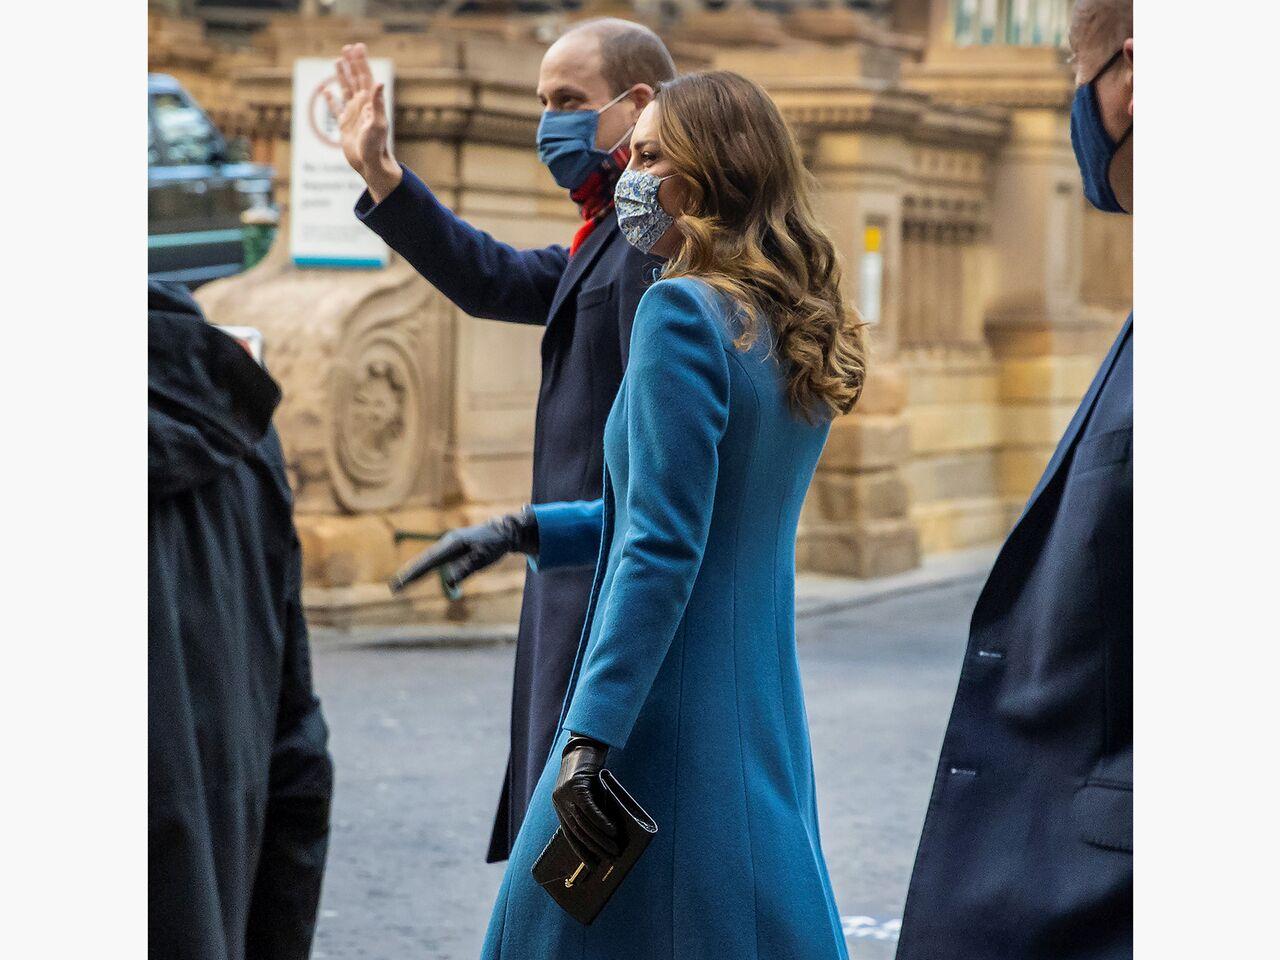 Кейт Миддлтон своим аутфитом во время турне привлекла внимание модниц к шотландскому бренду